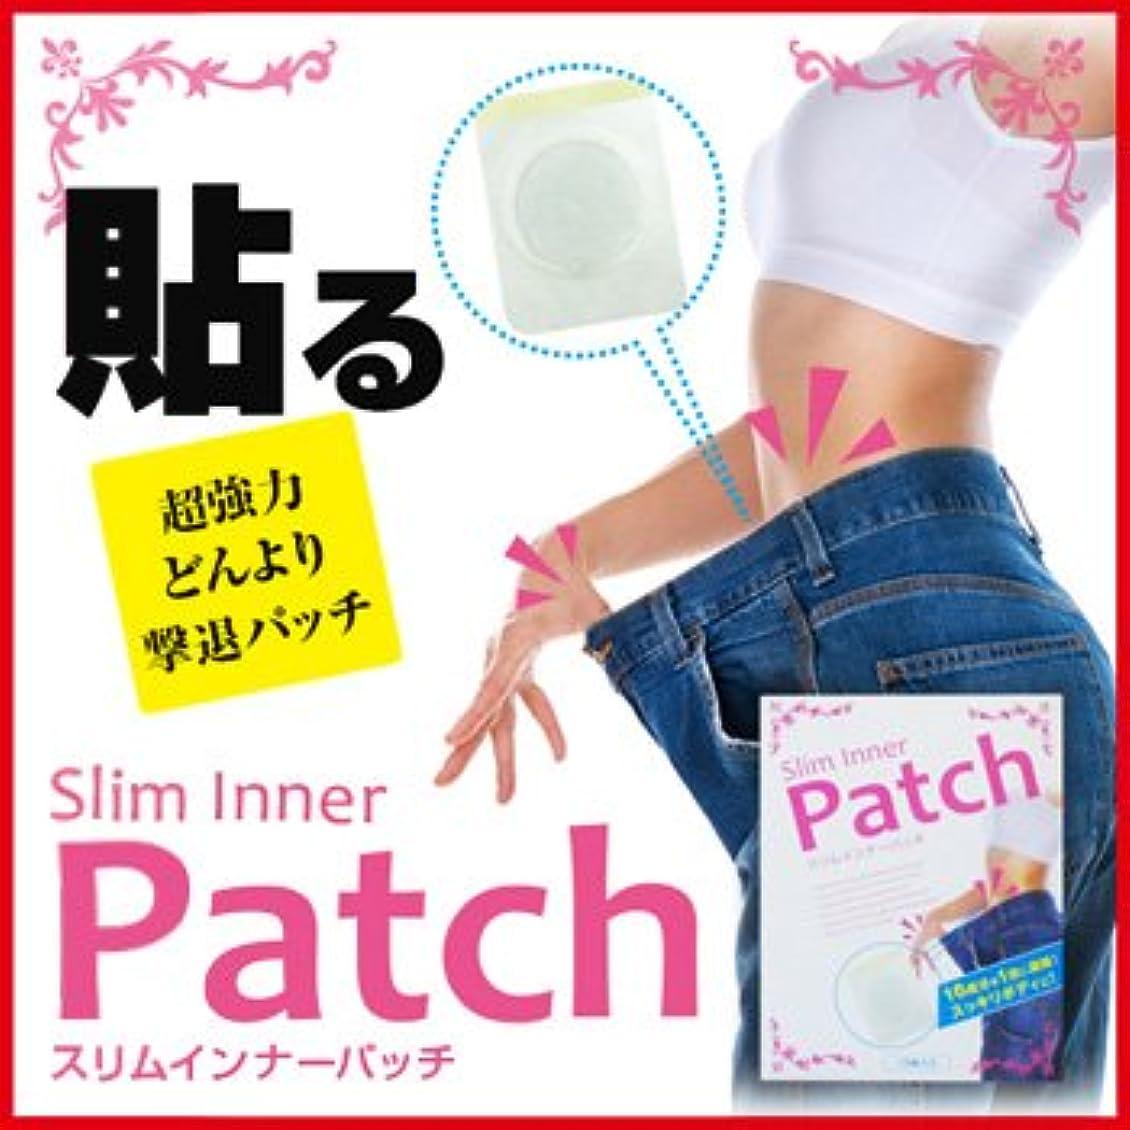 注入するカーテンワイプSliminner Patch(スリムインナーパッチ)☆ 超強力!!どんより撃退パッチ